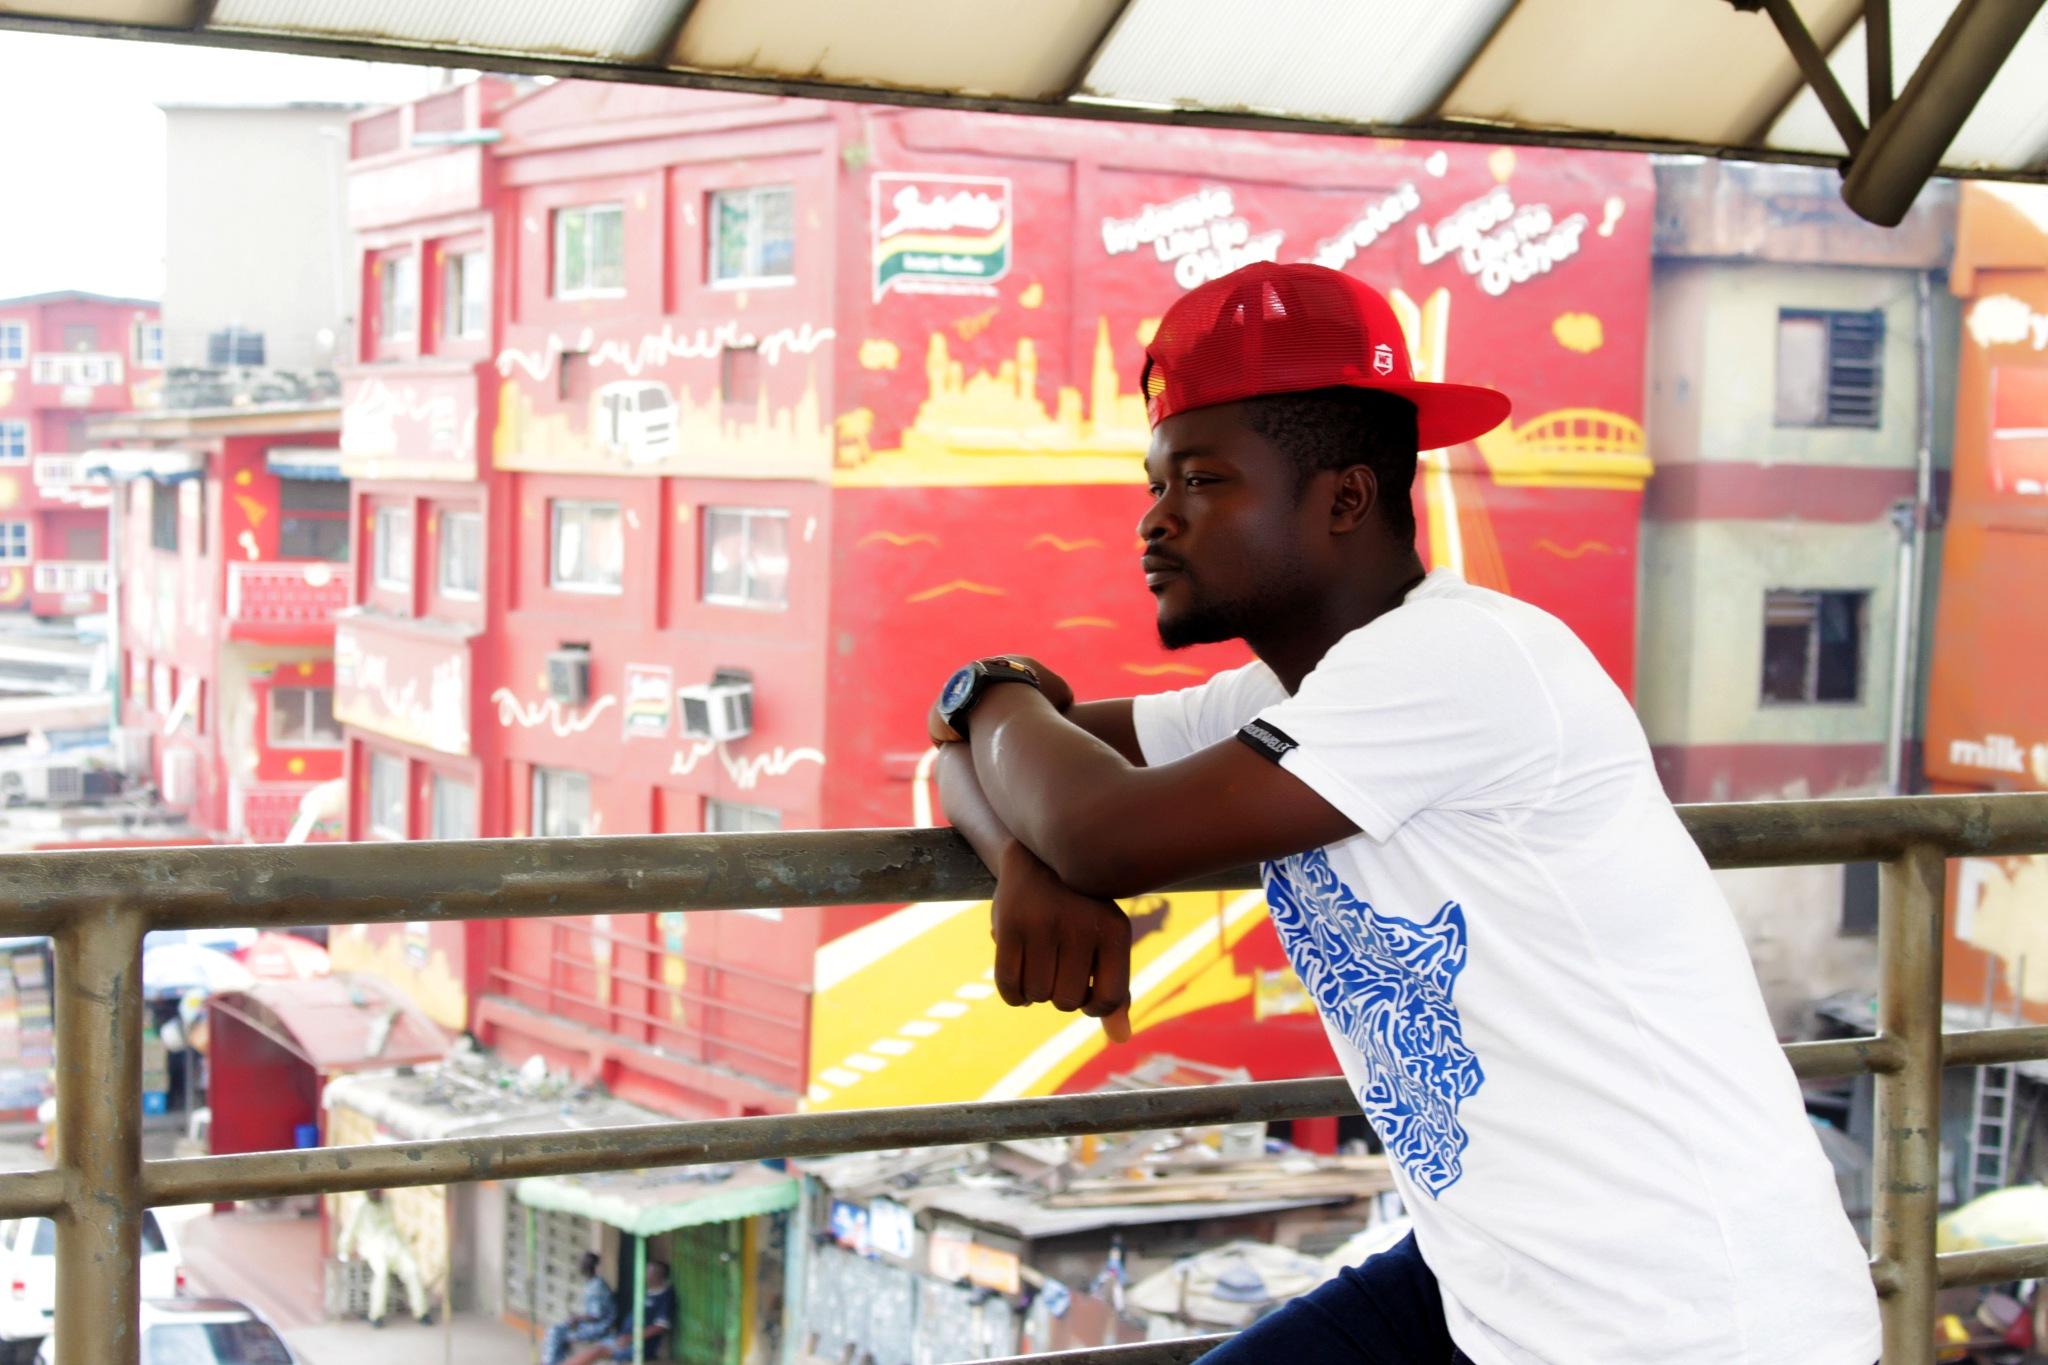 Ghetto life by Lammyspice